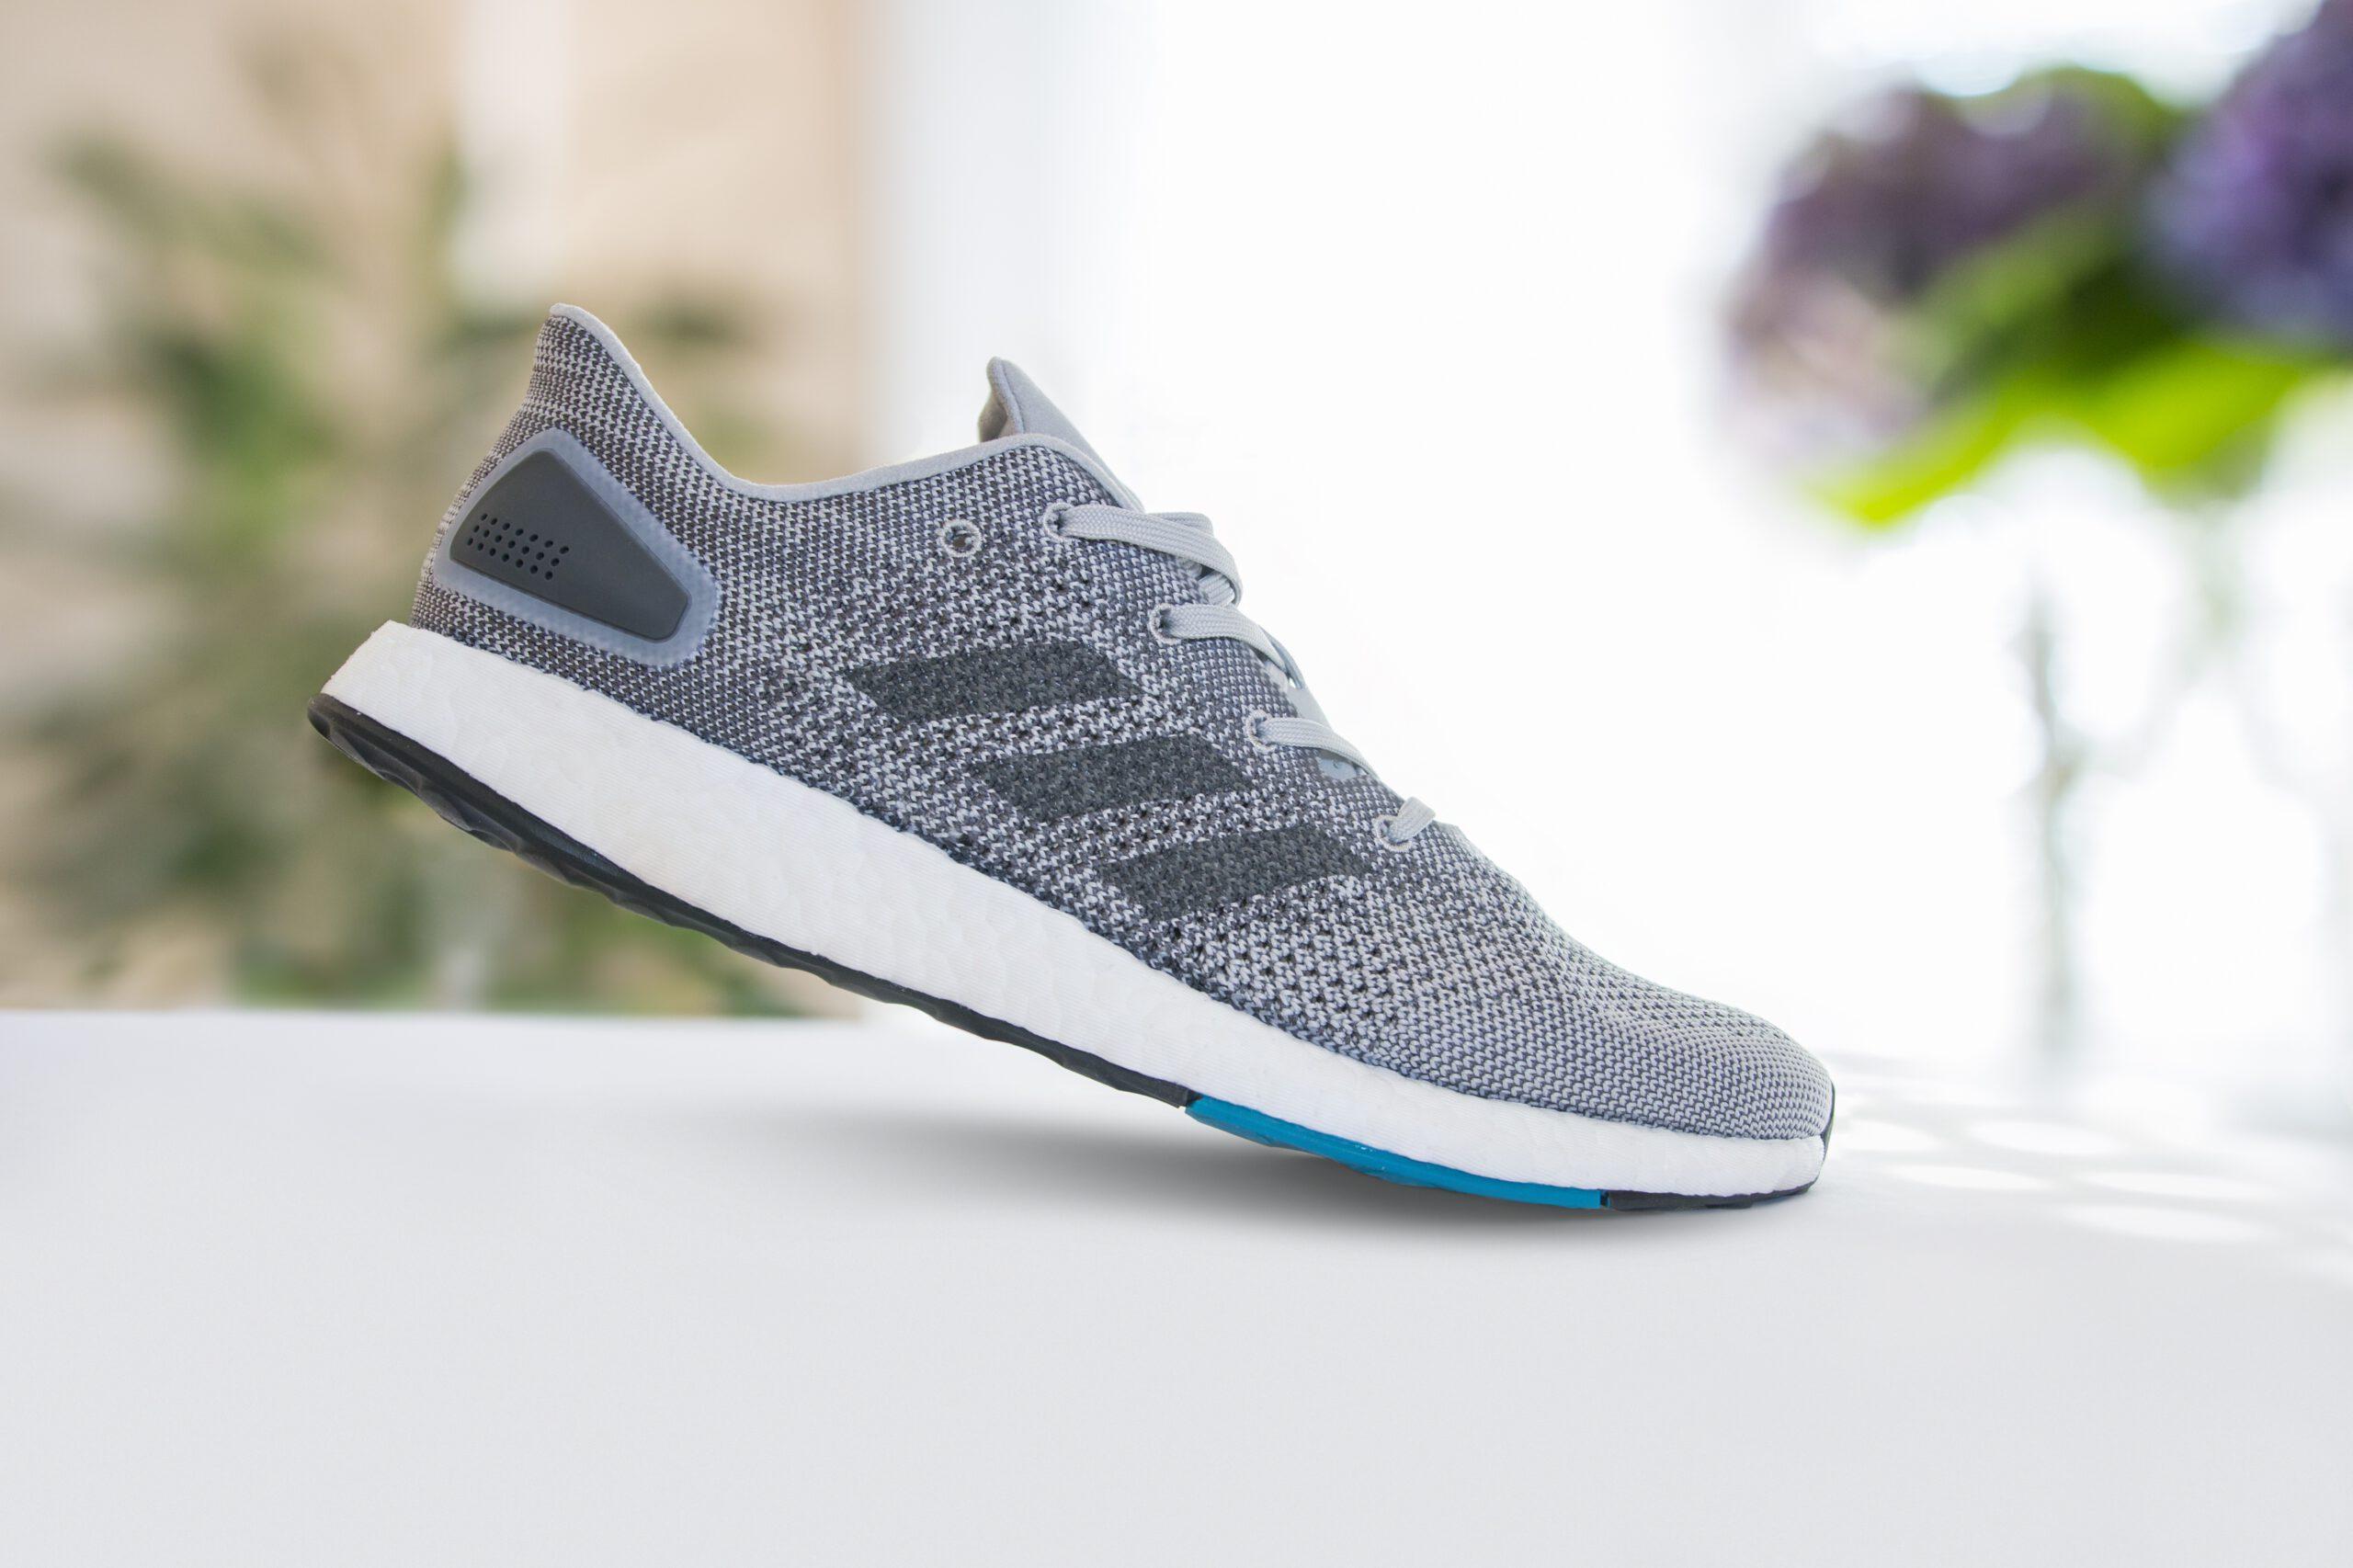 Esta zapatilla de running presenta una parte superior de punto con refuerzos pespunteados que aportan mayor sujeción donde más la necesitas.